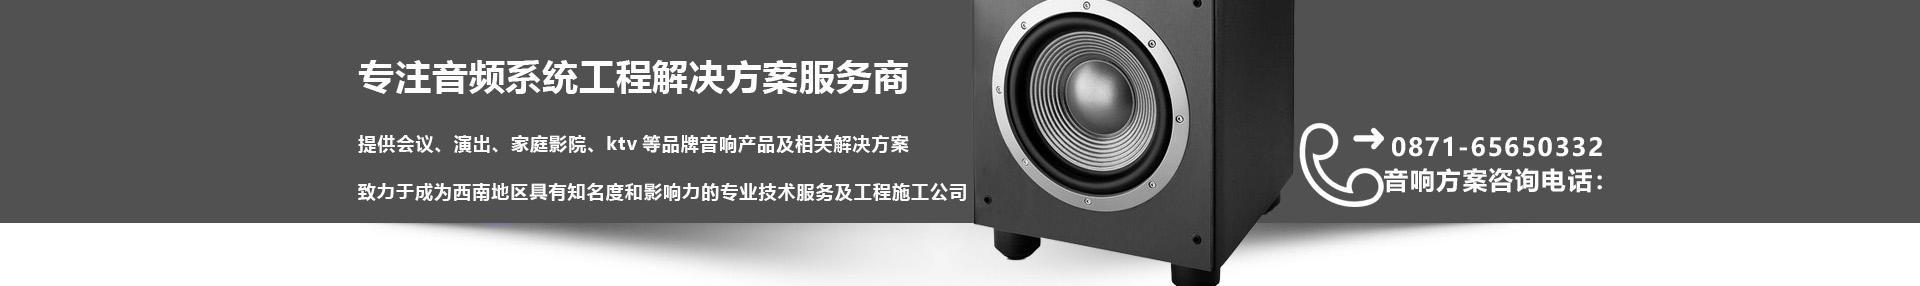 音頻體系工程處理計劃辦事商